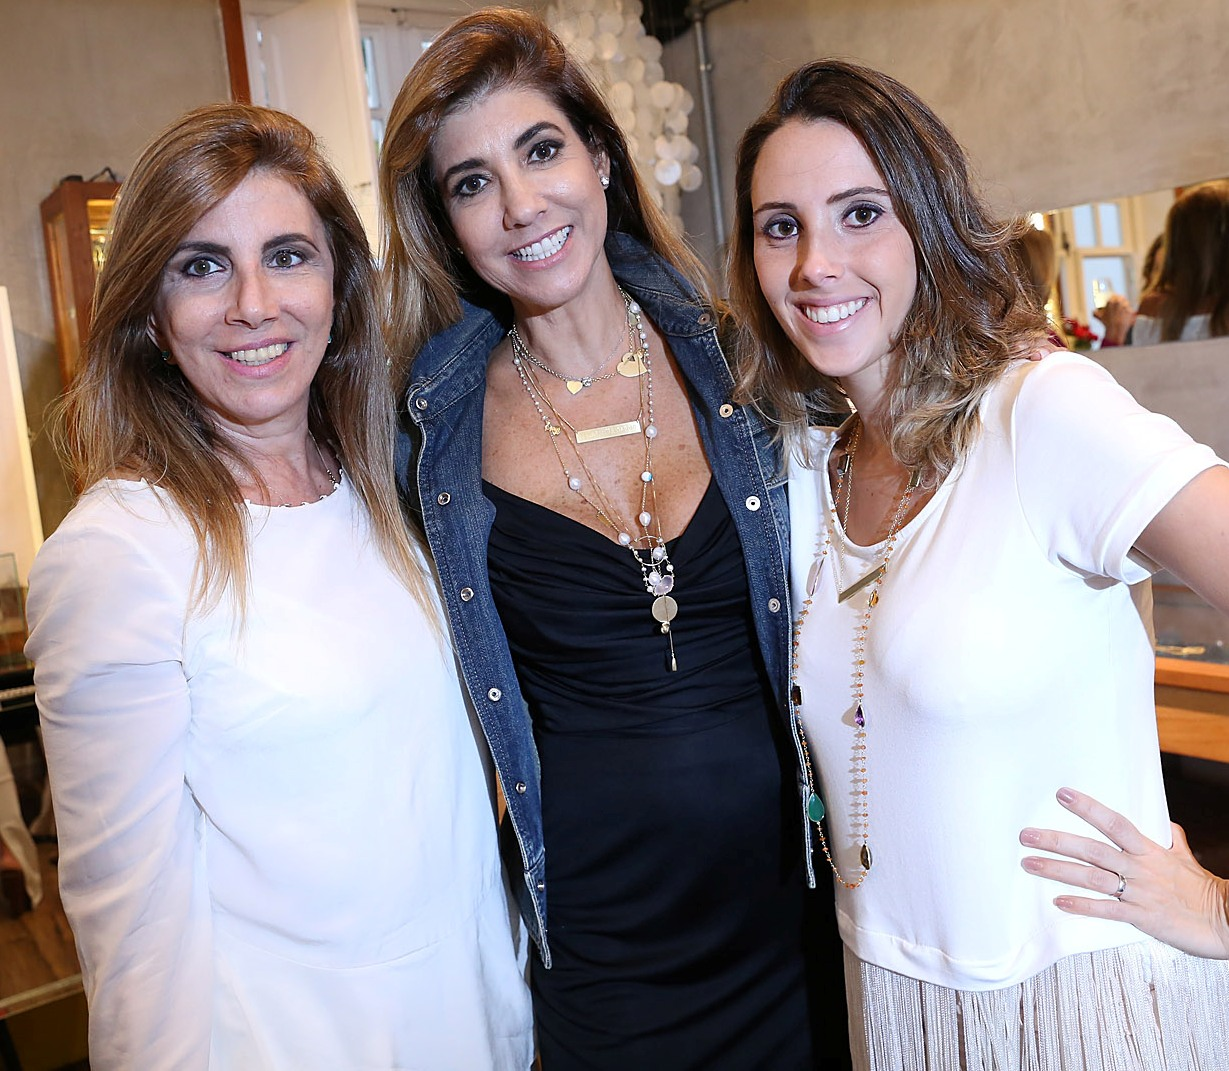 Da esquerda para direita: Ana Grynberg, Gorette Colaço e Natalia Zimmerman / Foto: Murillo Tinoco - AGi9